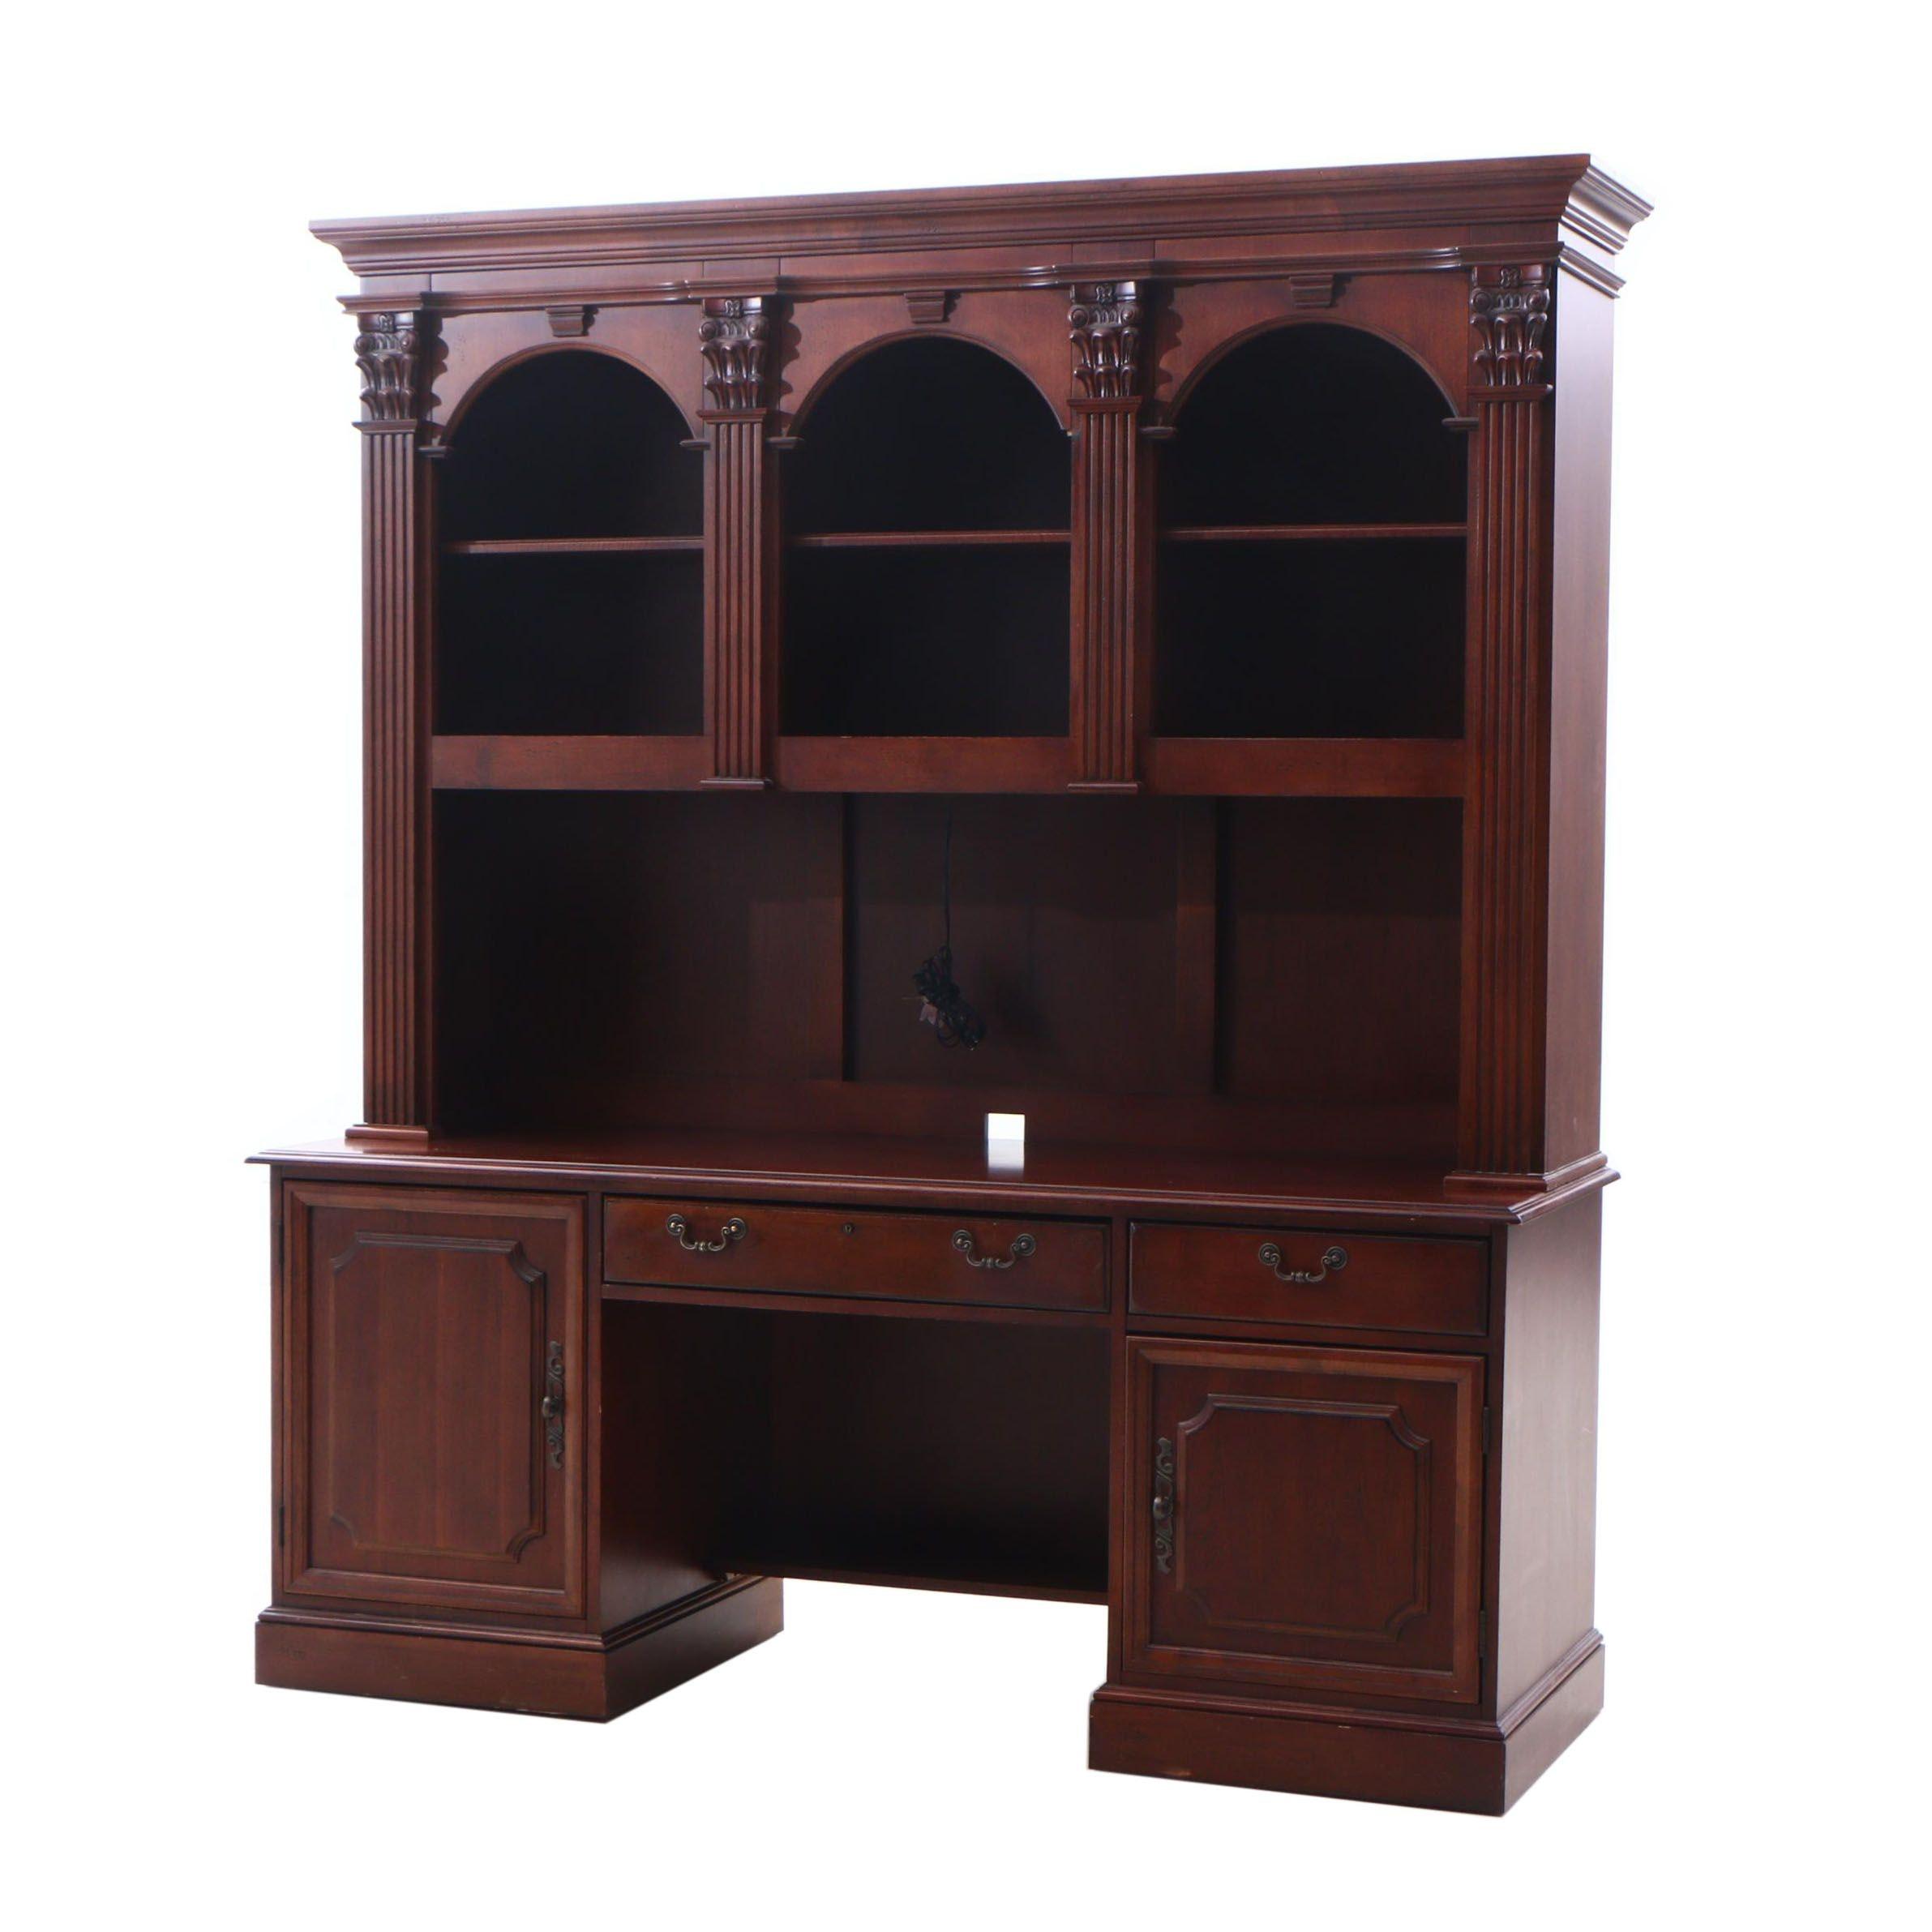 Hooker Georgian Style Mahogany Finish Illuminated Desk and Bookshelf